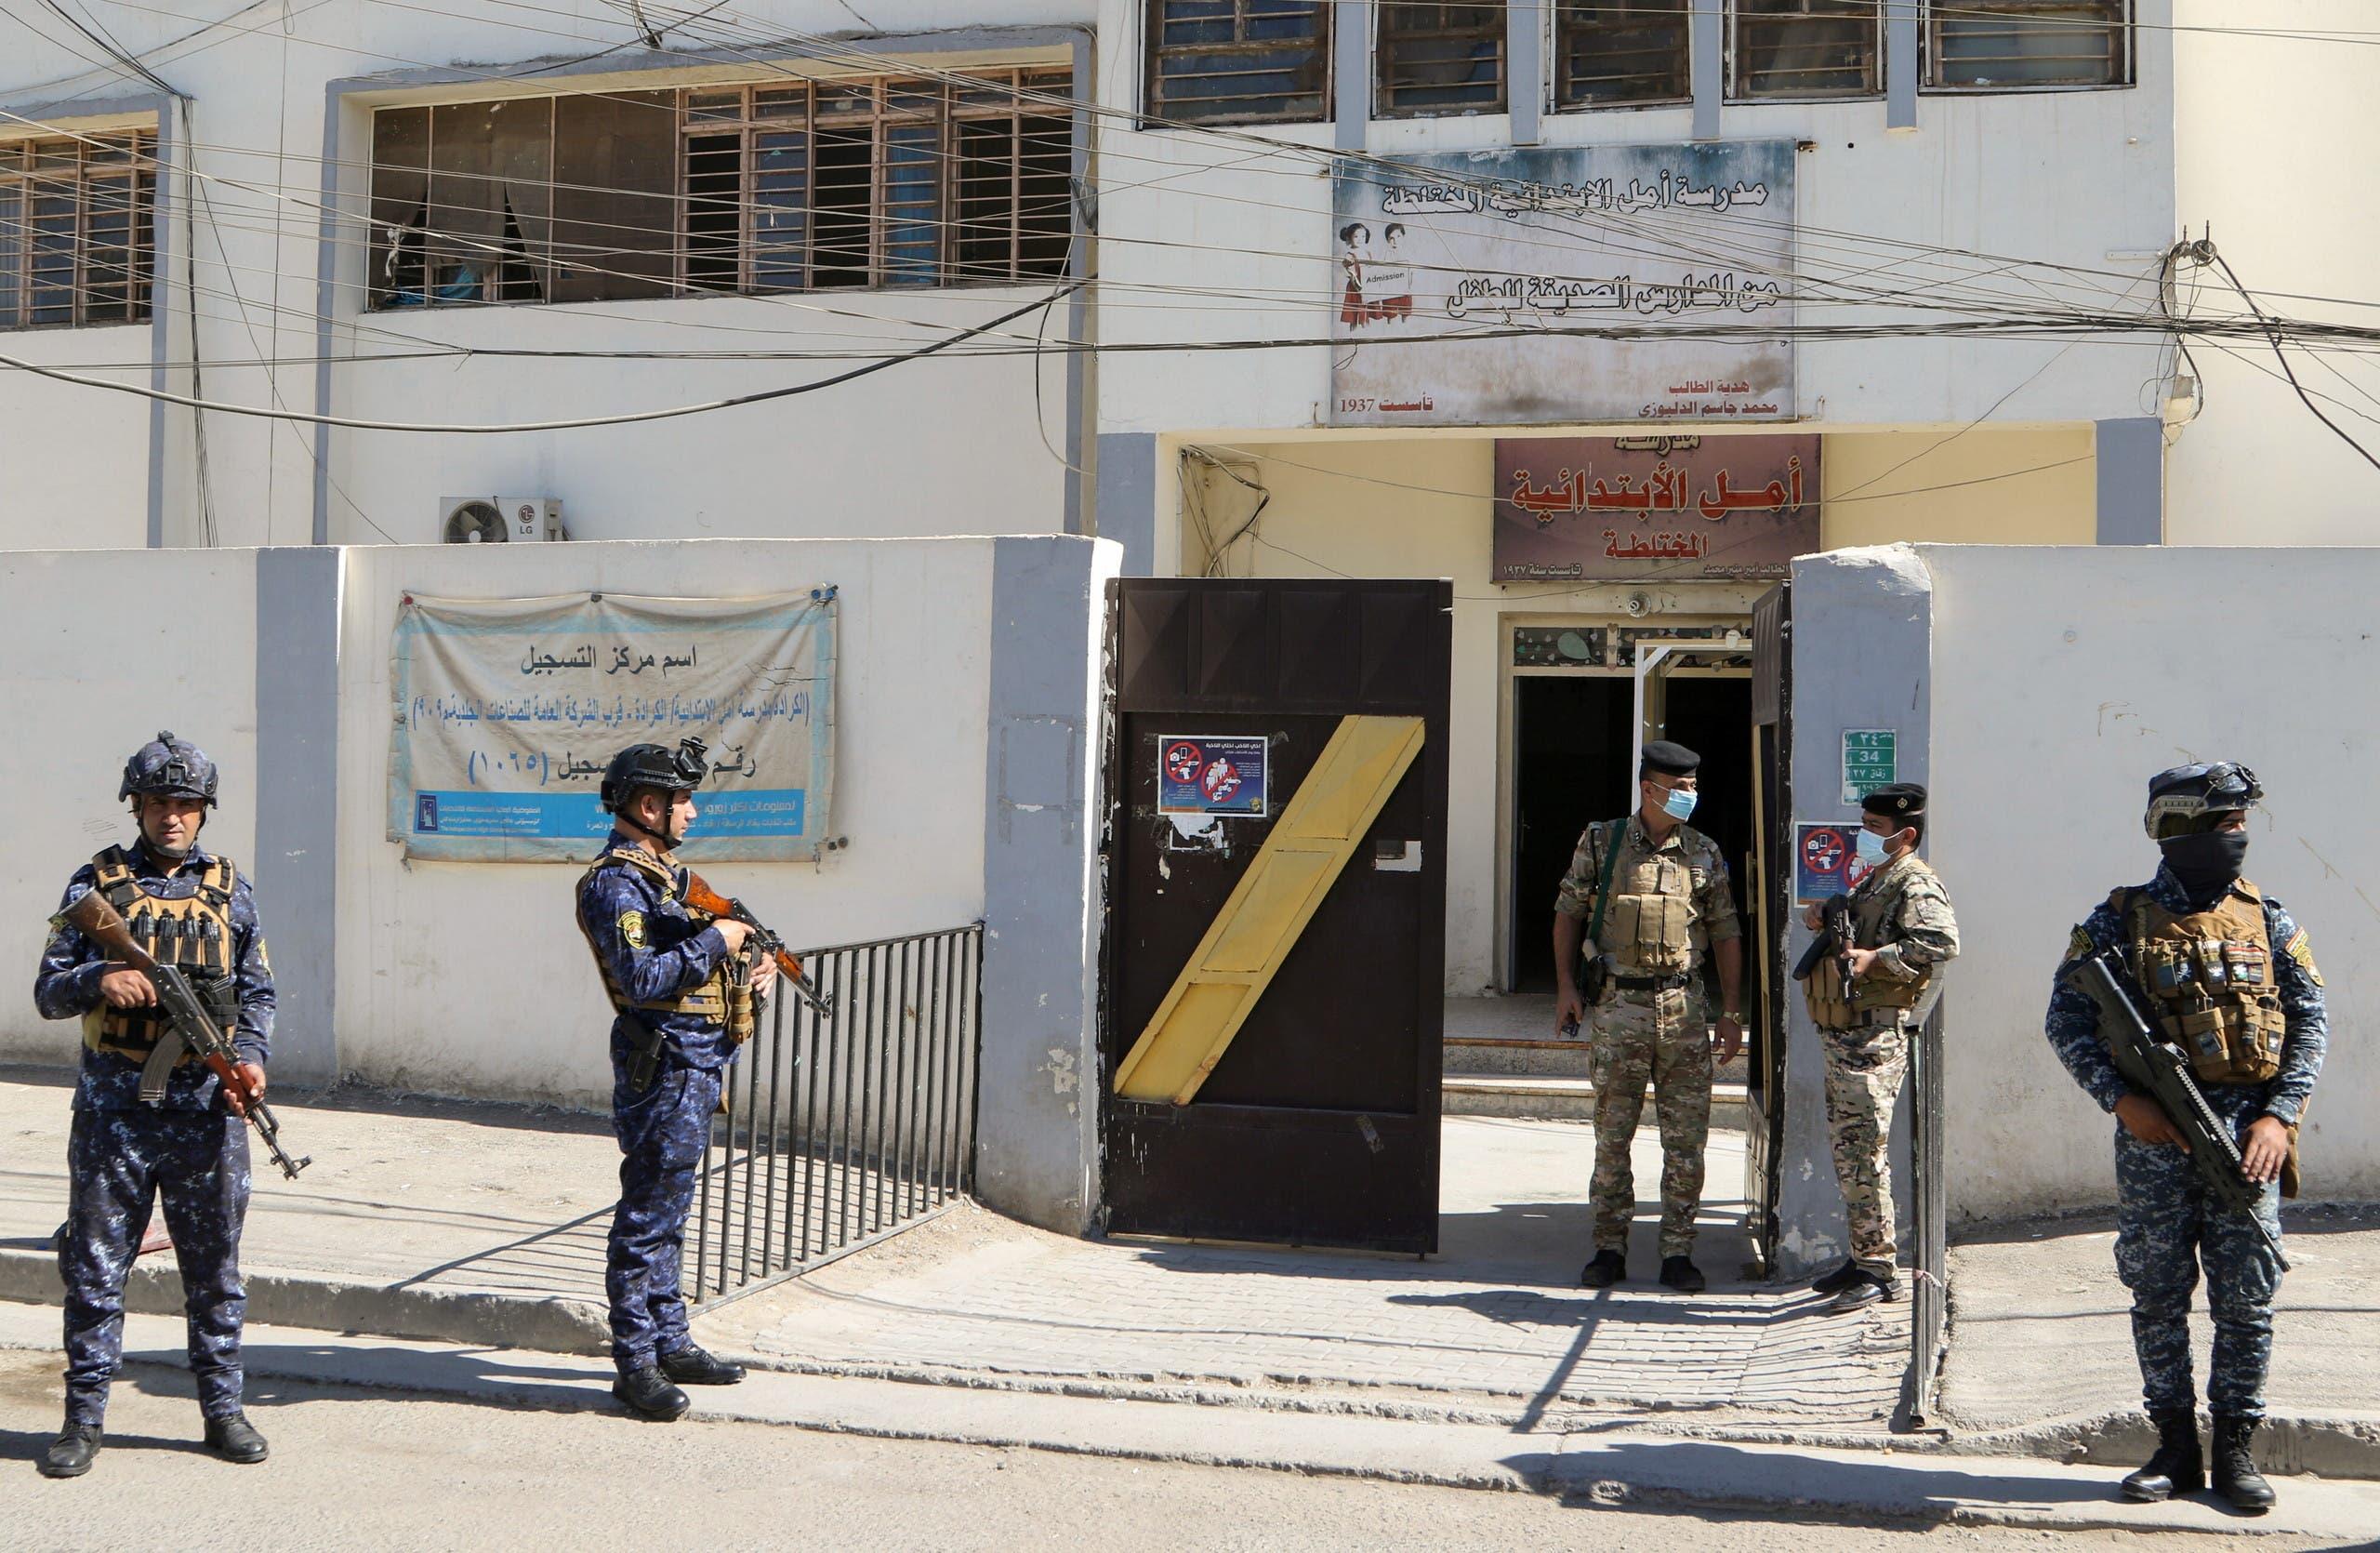 تأمين مركز اقتراع في بغداد اليوم